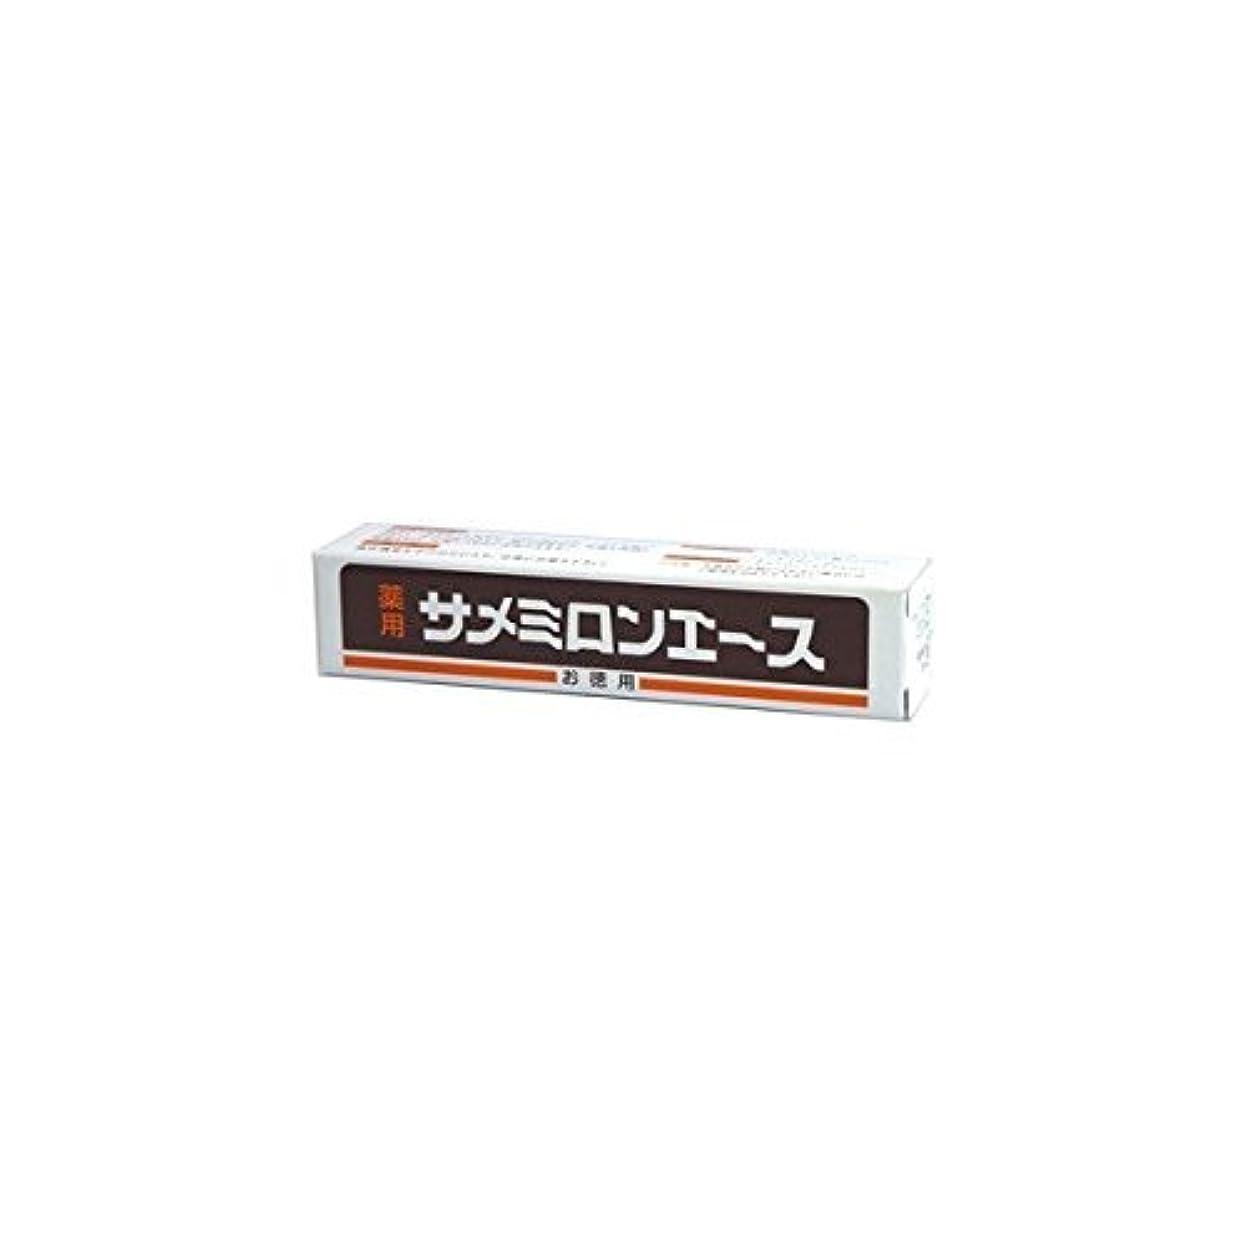 結婚式スパン挽く薬用 サメミロンエース 20ml入り 2個 スクアレン配合